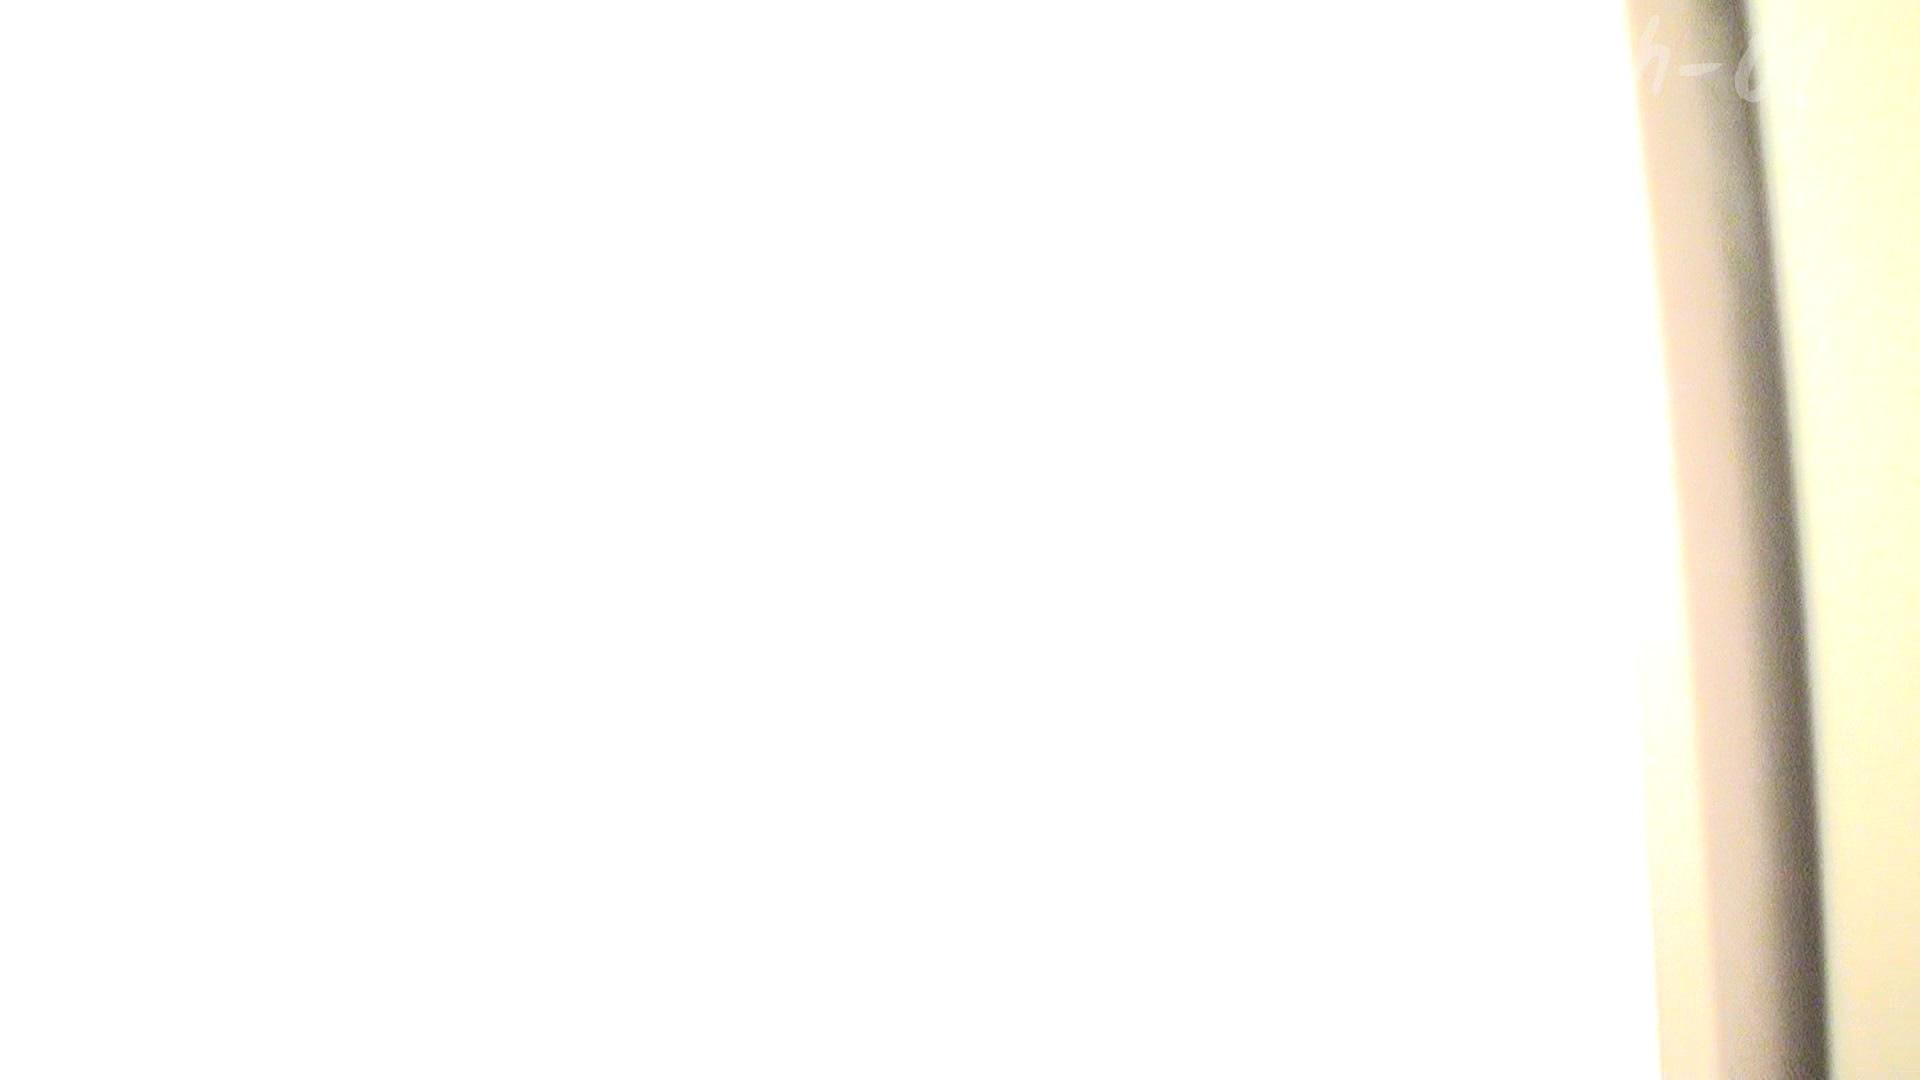 ※100個限定販売 至高下半身盗撮 プレミアム Vol.1 ハイビジョン 名作殿堂  52画像 15